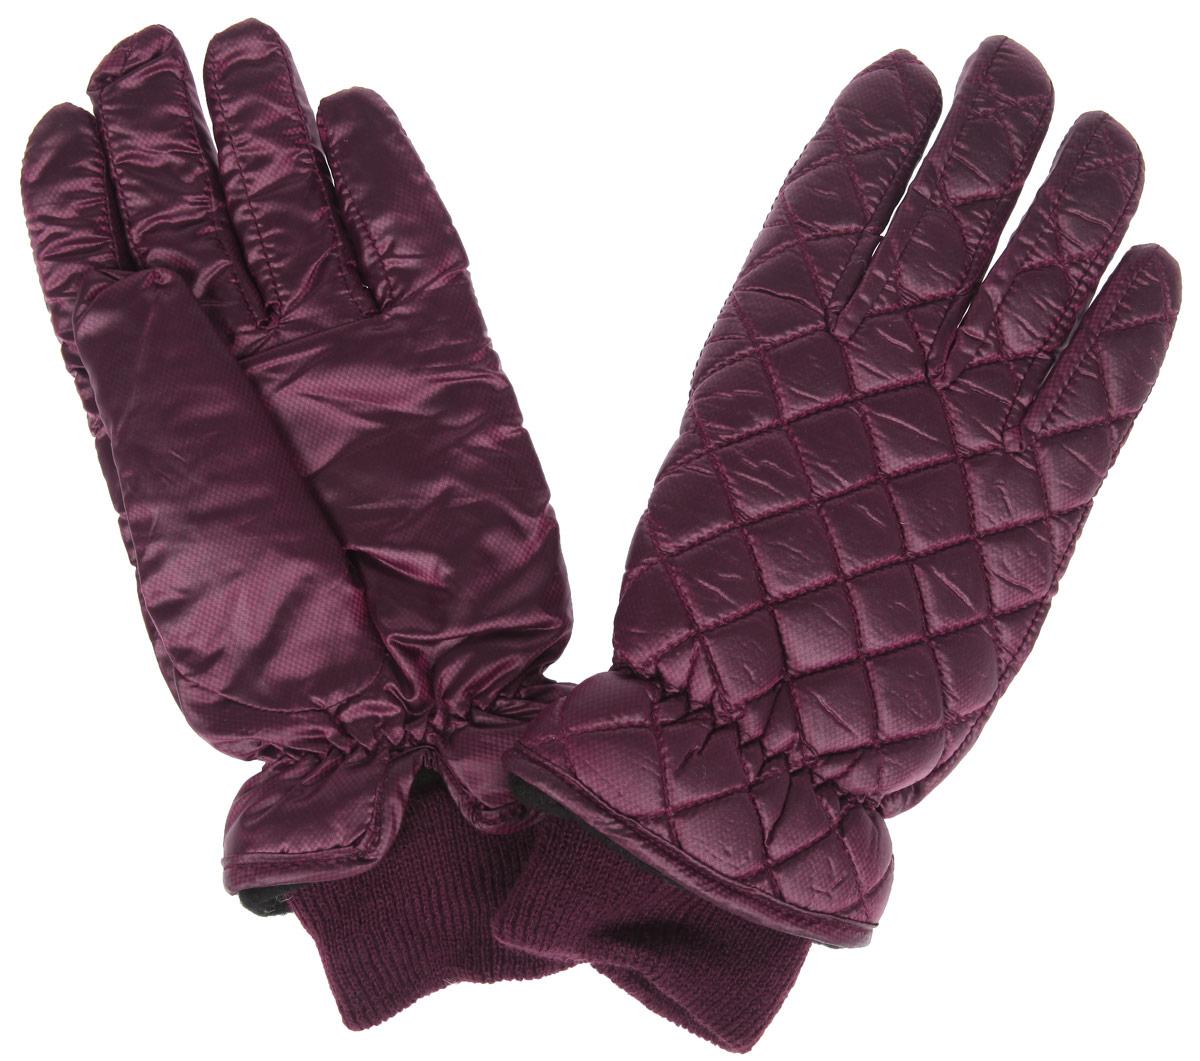 ПерчаткиSD12Стильные женские перчатки Modo надежно защитят ваши руки от холода! Перчатки выполнены из высококачественного полиэстера с флисовой подкладкой. Тыльная сторона модели оформлена стеганой отстрочкой. Изделие дополнено резиновой стяжкой вокруг запястья и эластичной манжетой. Такие перчатки отлично подойдут для ежедневных прогулок и для активного отдыха.